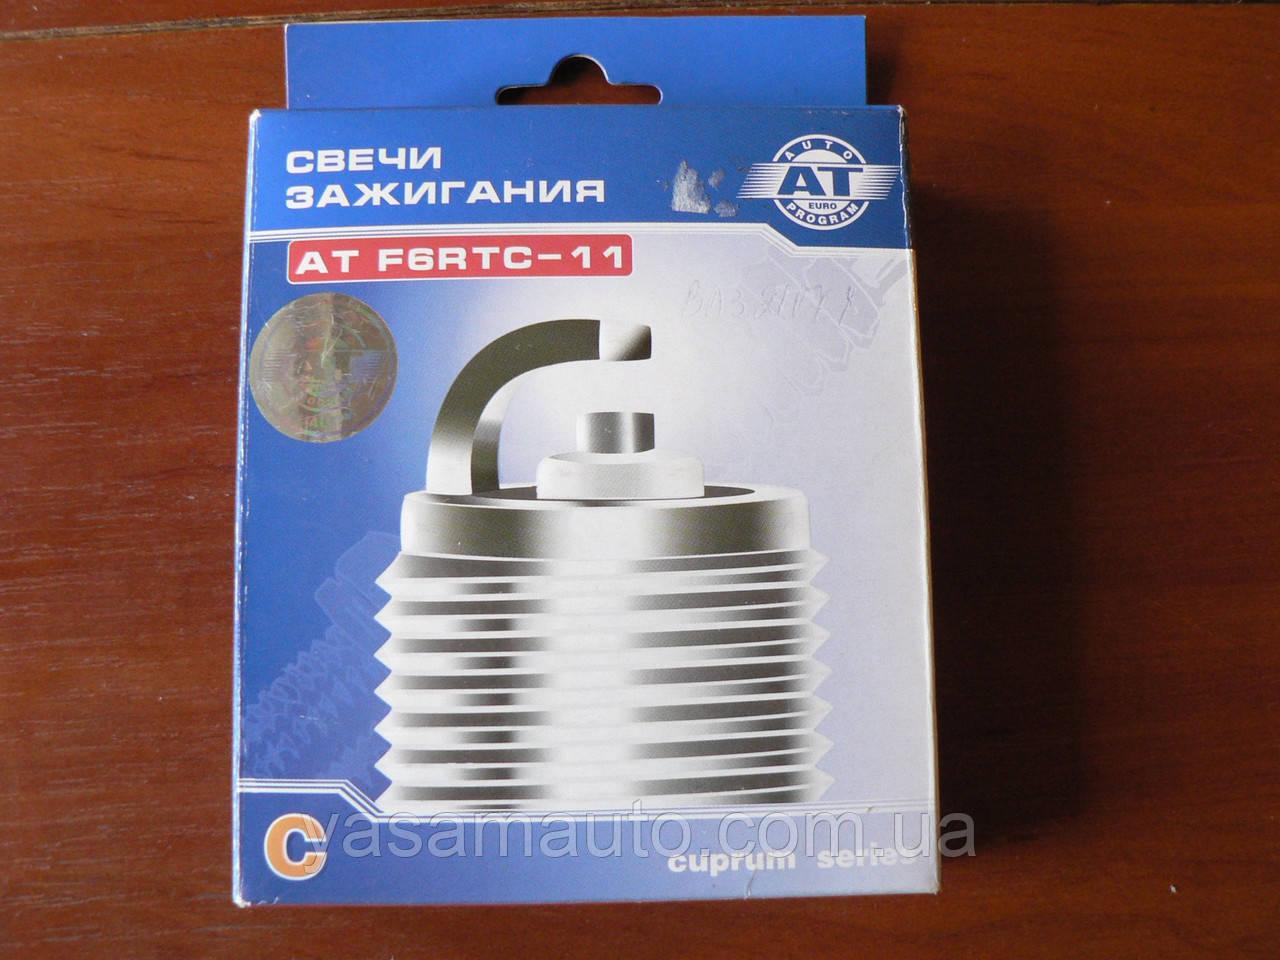 Свечи к-т 4шт ВАЗ i 1.1мм AT F6RTC-11 21073i 2109i 2123